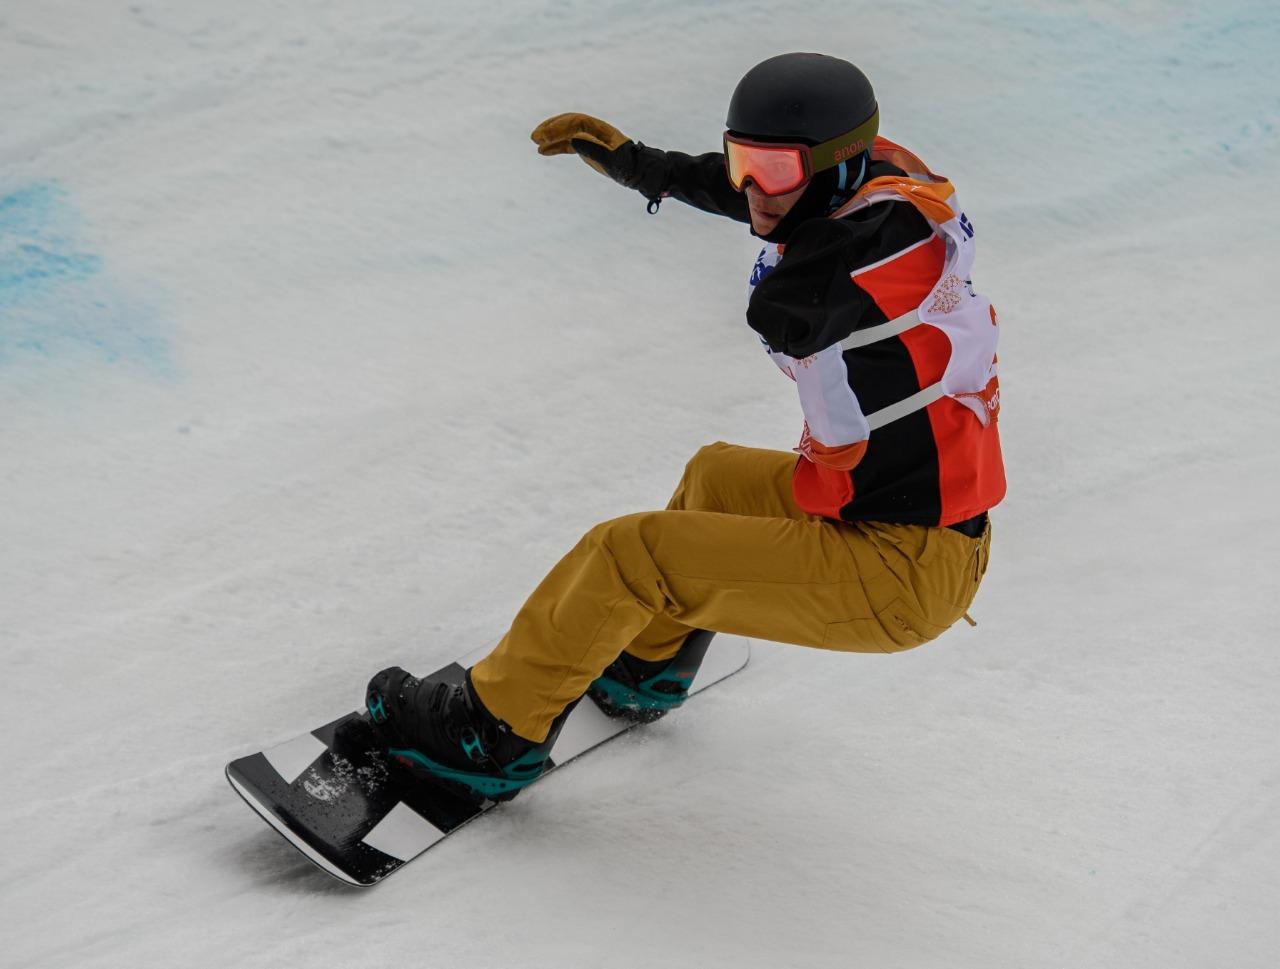 Михаил Слинкин завоевал 1 серебряную и 1 бронзовую медали на финальном этапе Кубка мира по парасноуборду в Швеции